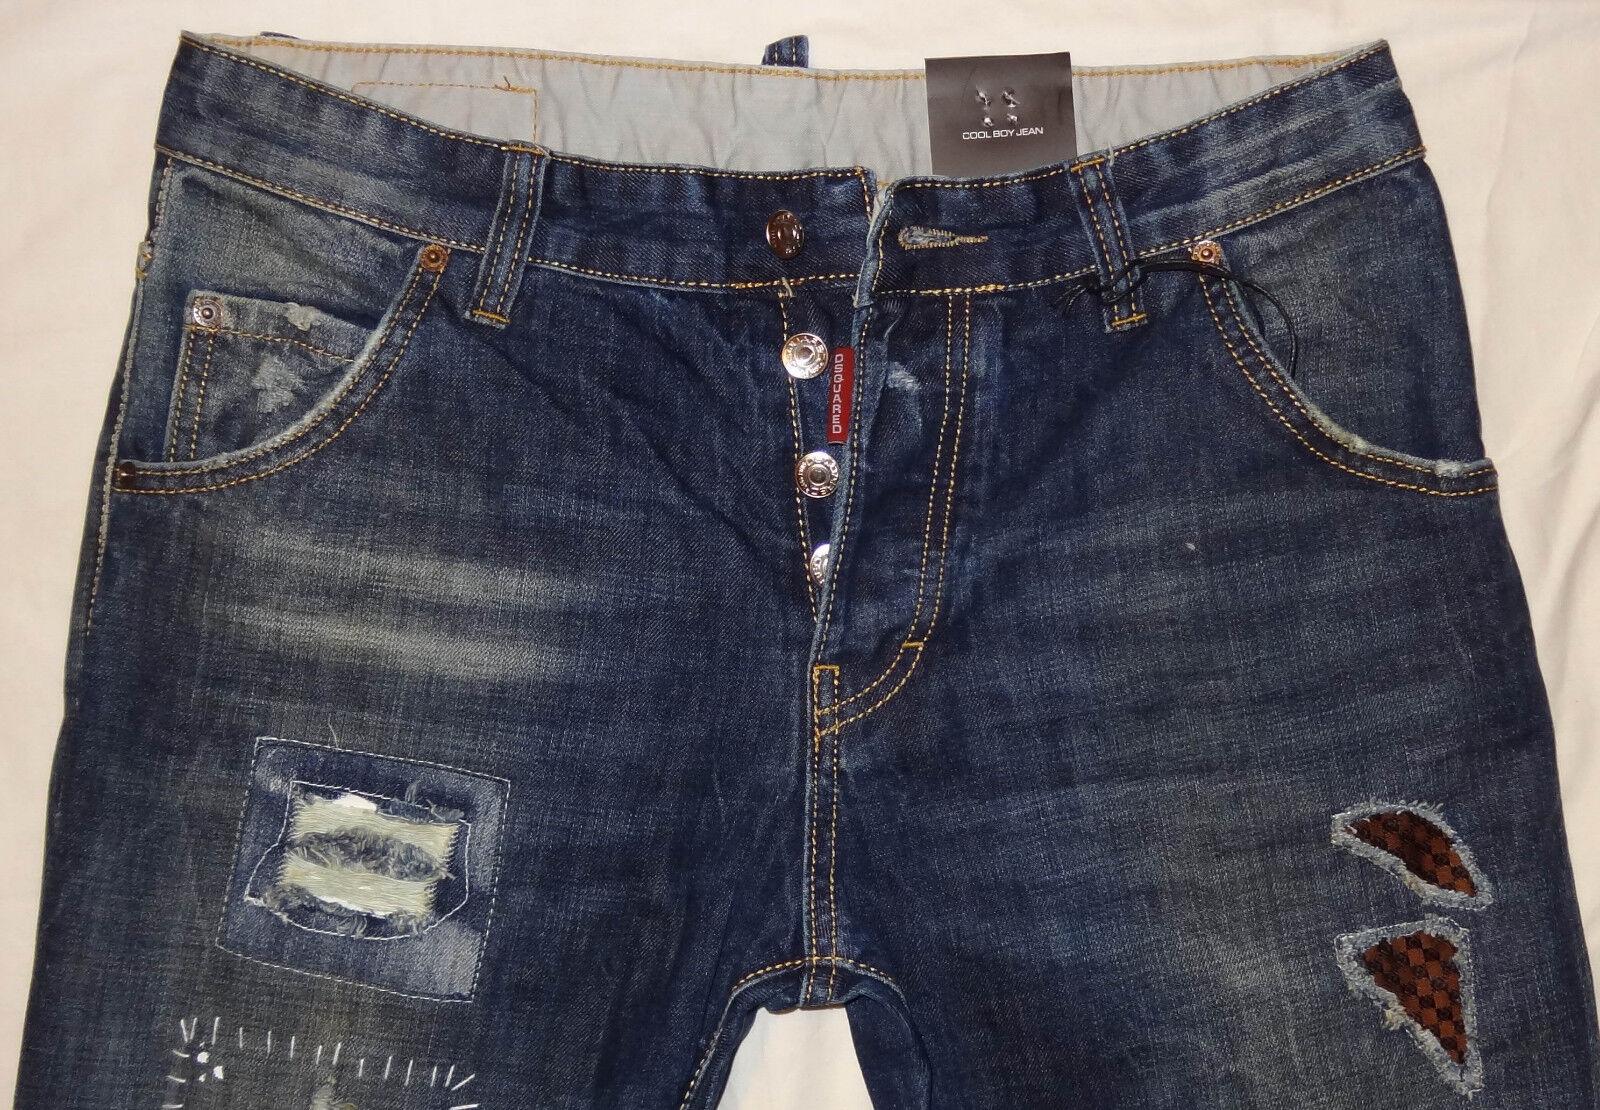 Nuevo  Para Hombre Jeans Dsquarojo 2  hombres Dsq Jeans, Italia tamaño  cerrar la venta   Centro comercial profesional integrado en línea.